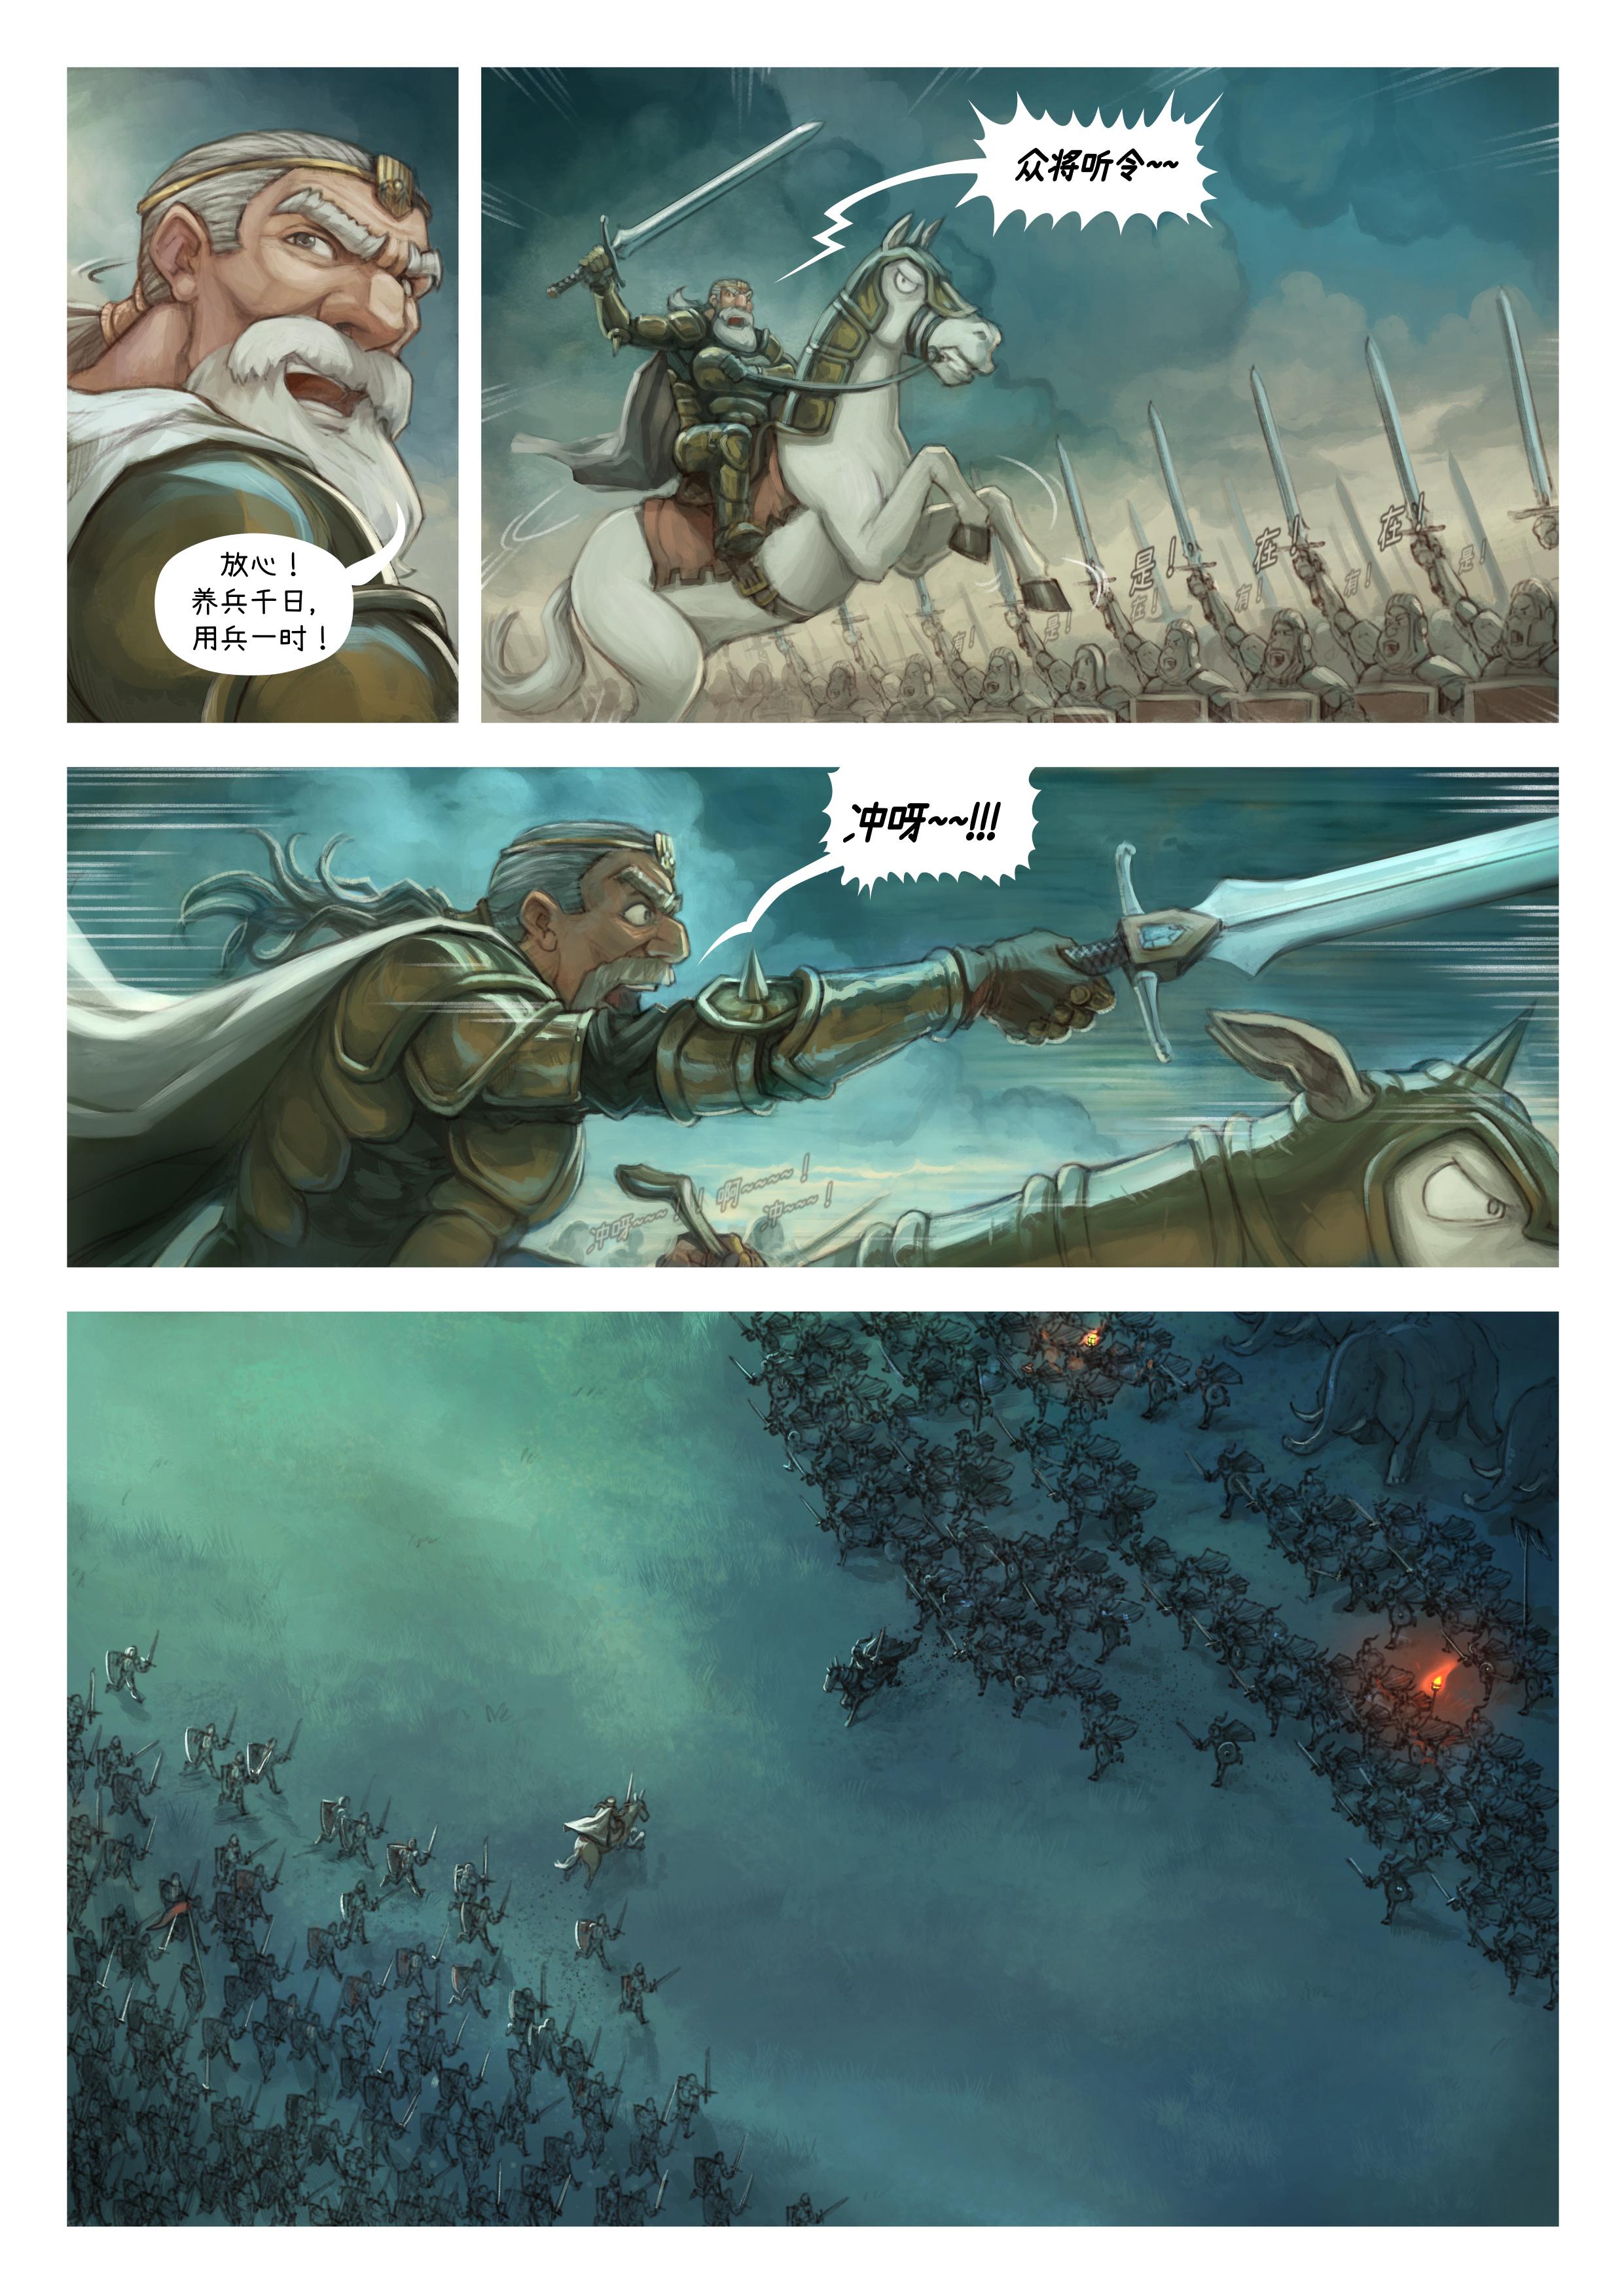 第33集:战争大魔咒, Page 4